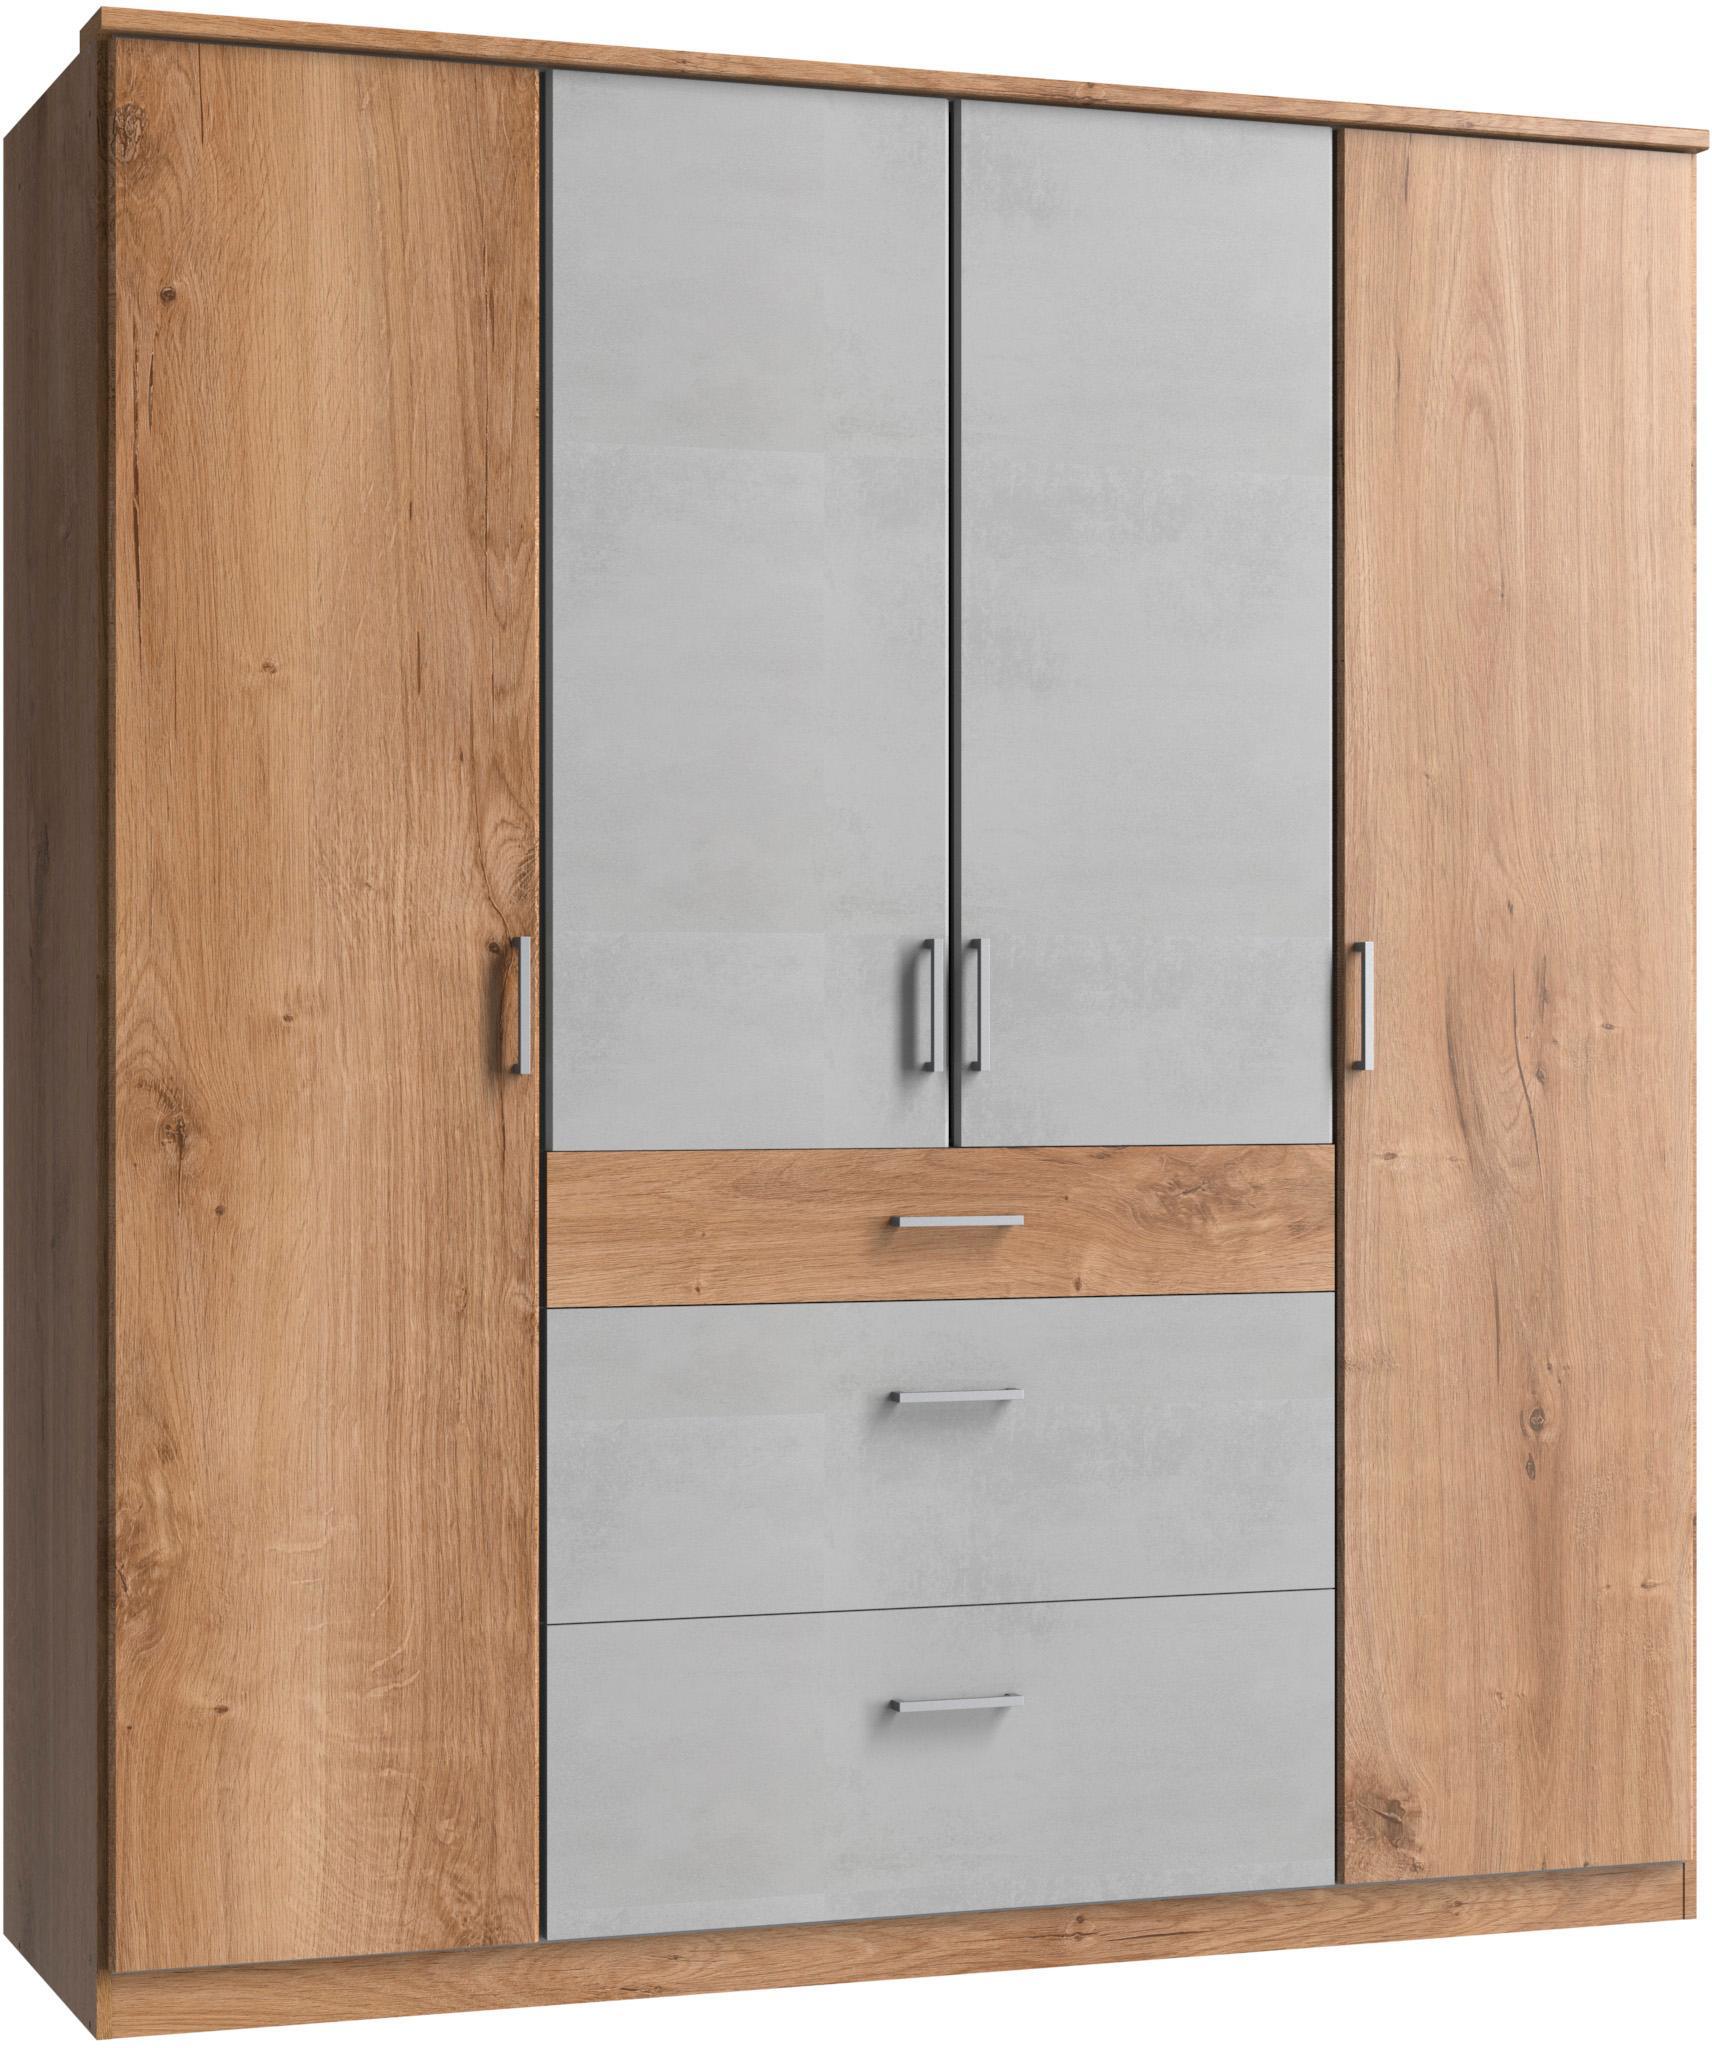 Wimex Kleiderschrank »Click« bestellen   BAUR